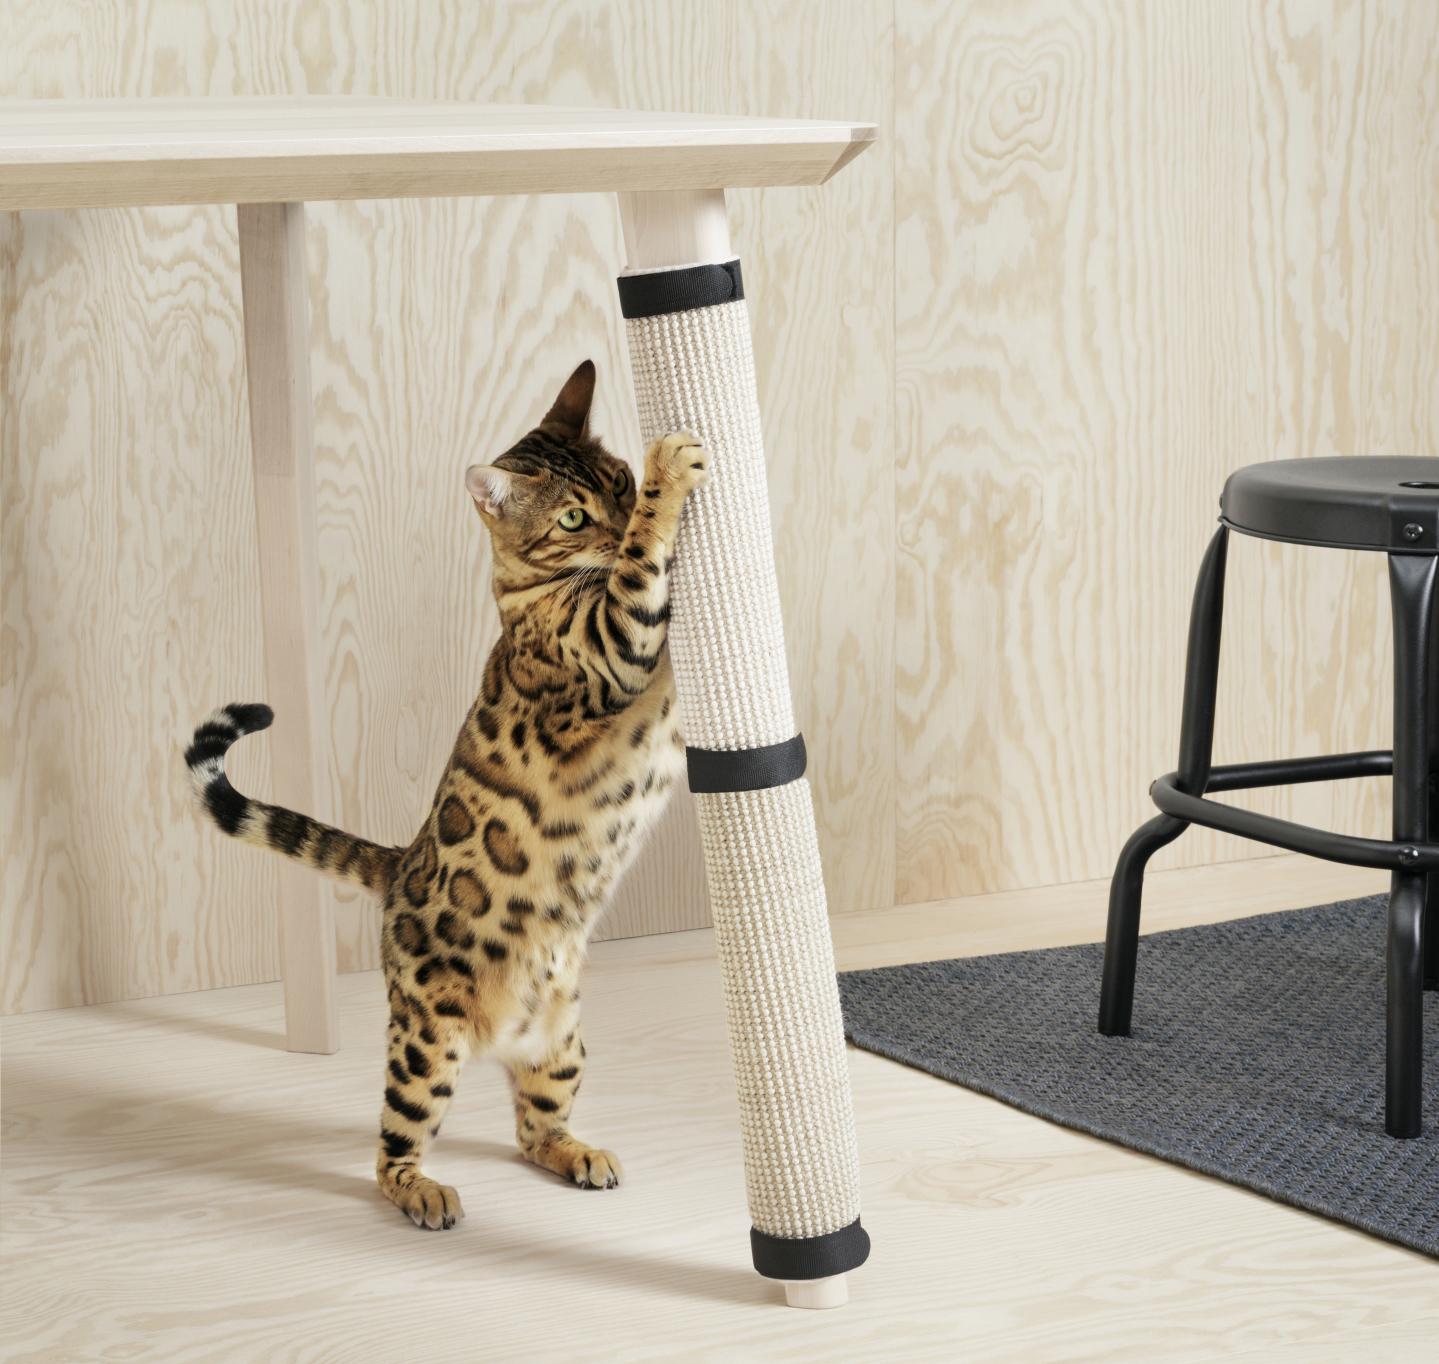 lluvia cazar Moral  Ikea para gatos: los muebles suecos más ronroneantes